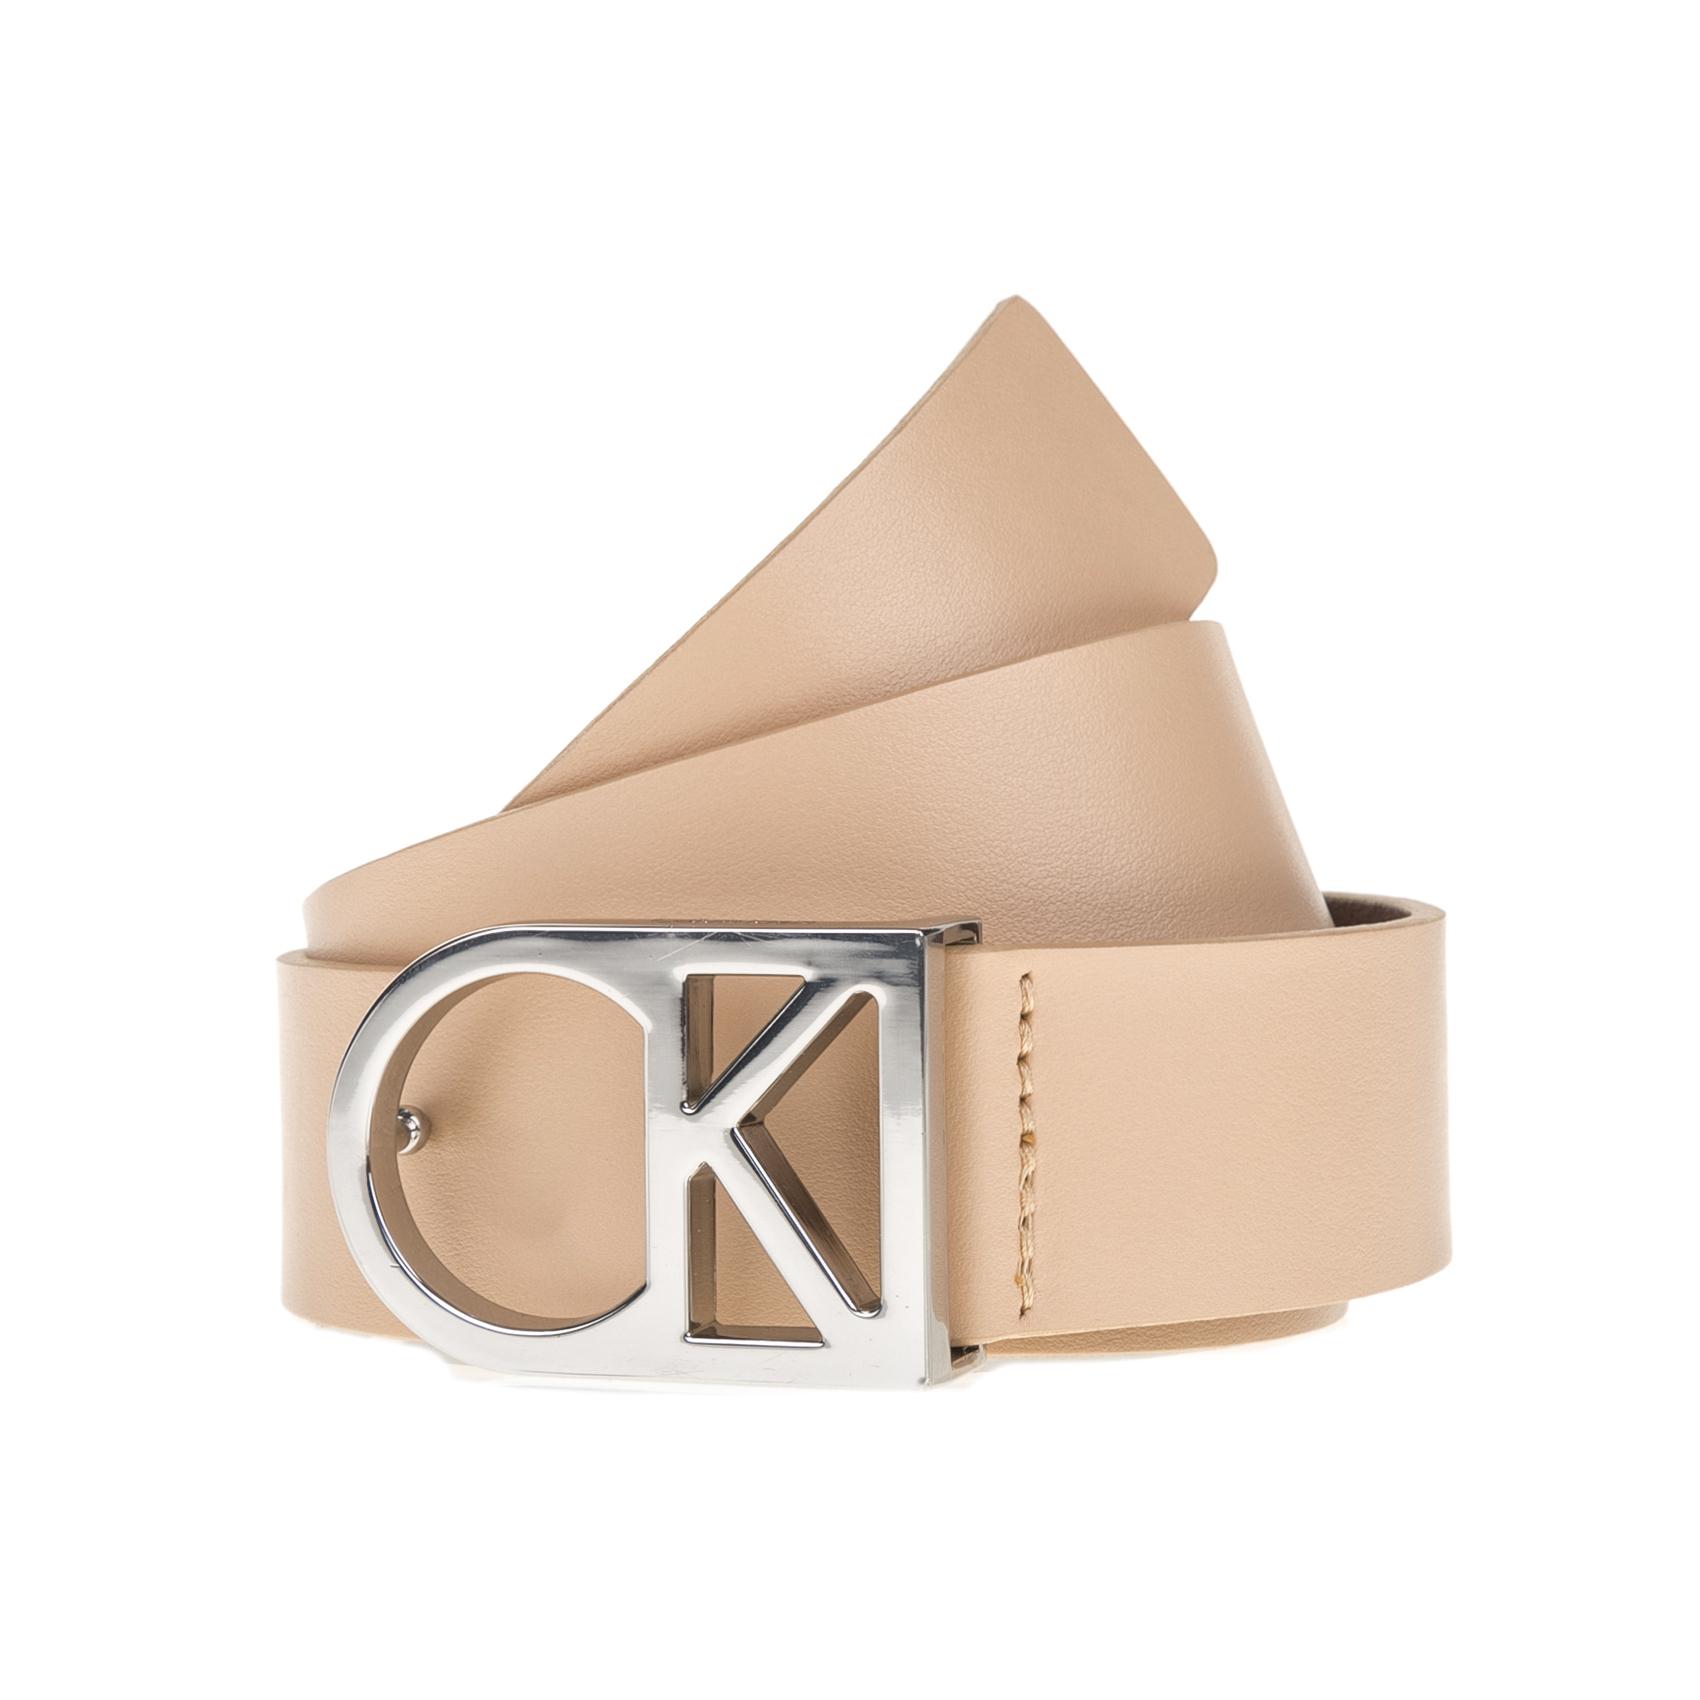 CALVIN KLEIN JEANS – Γυναικεία ζώνη Calvin Klein Jeans μπεζ